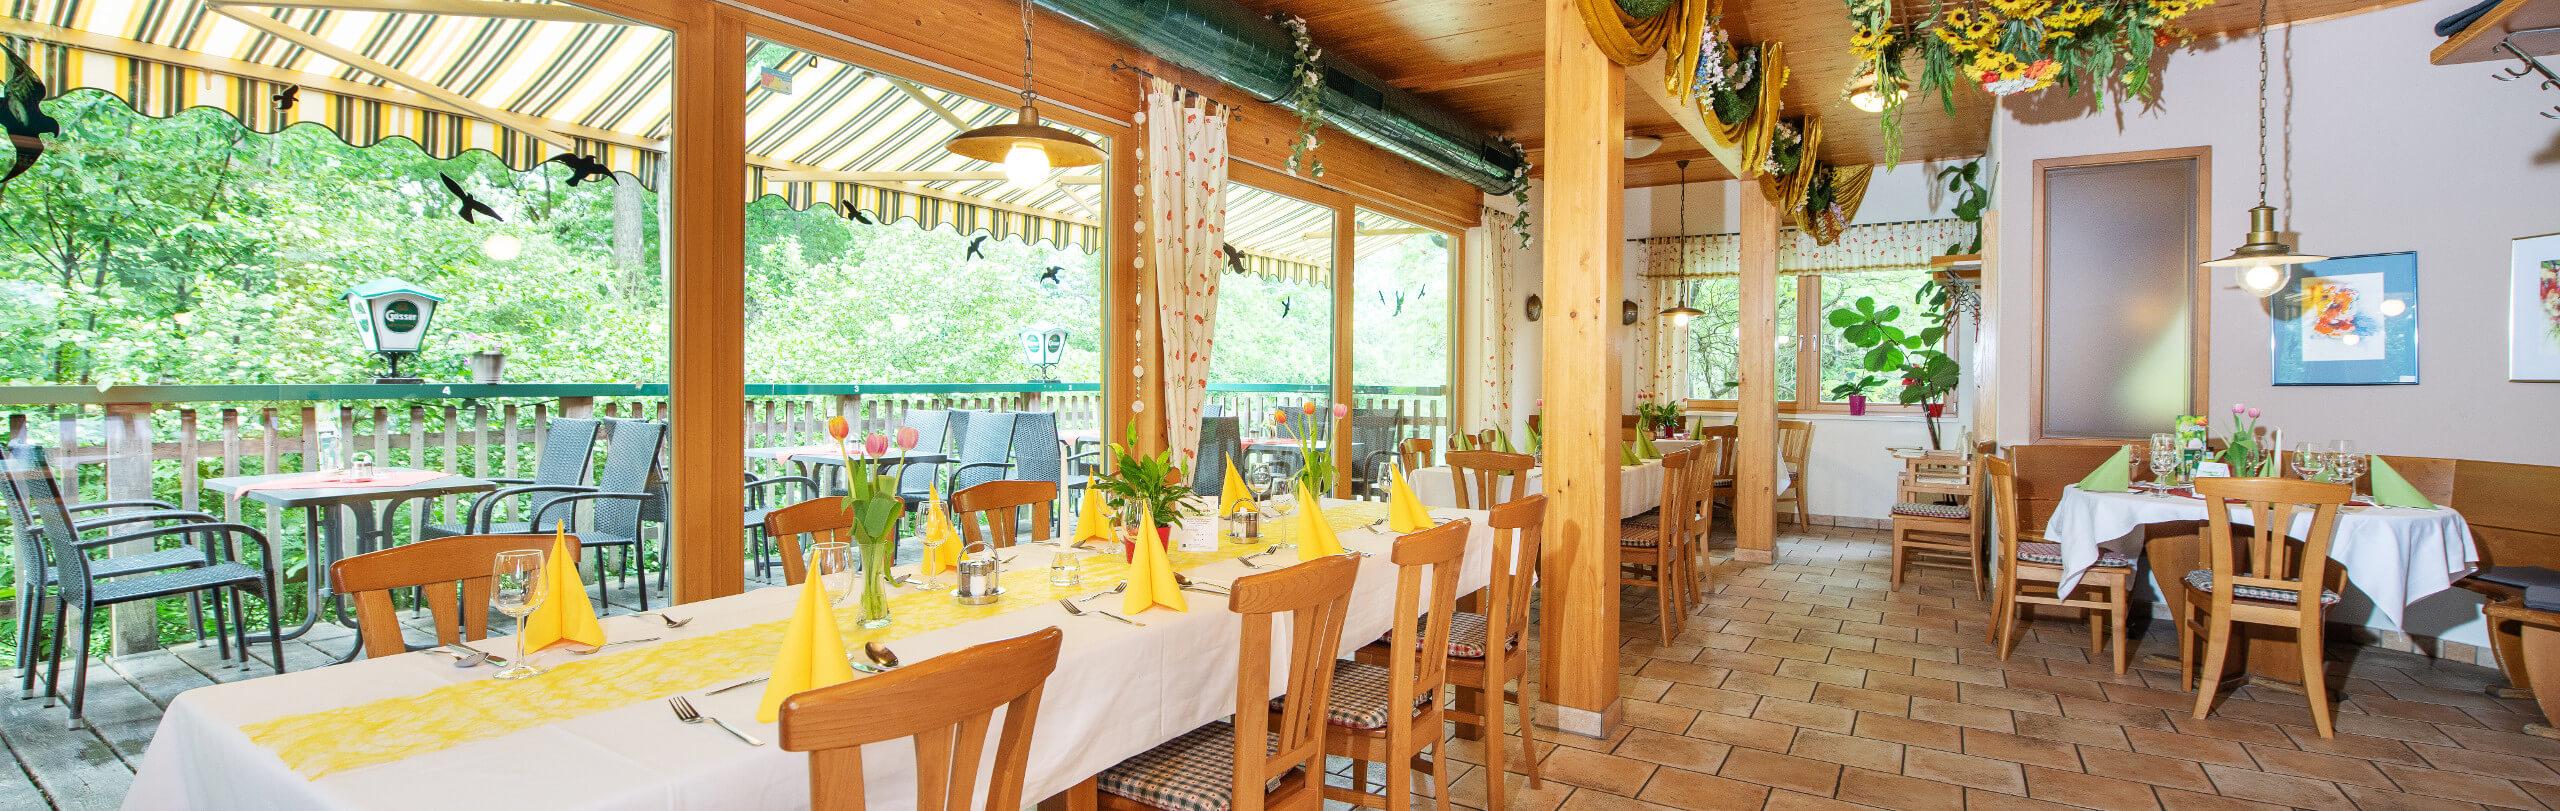 Gastraum Naturfreunde Bootshaus St. Pölten